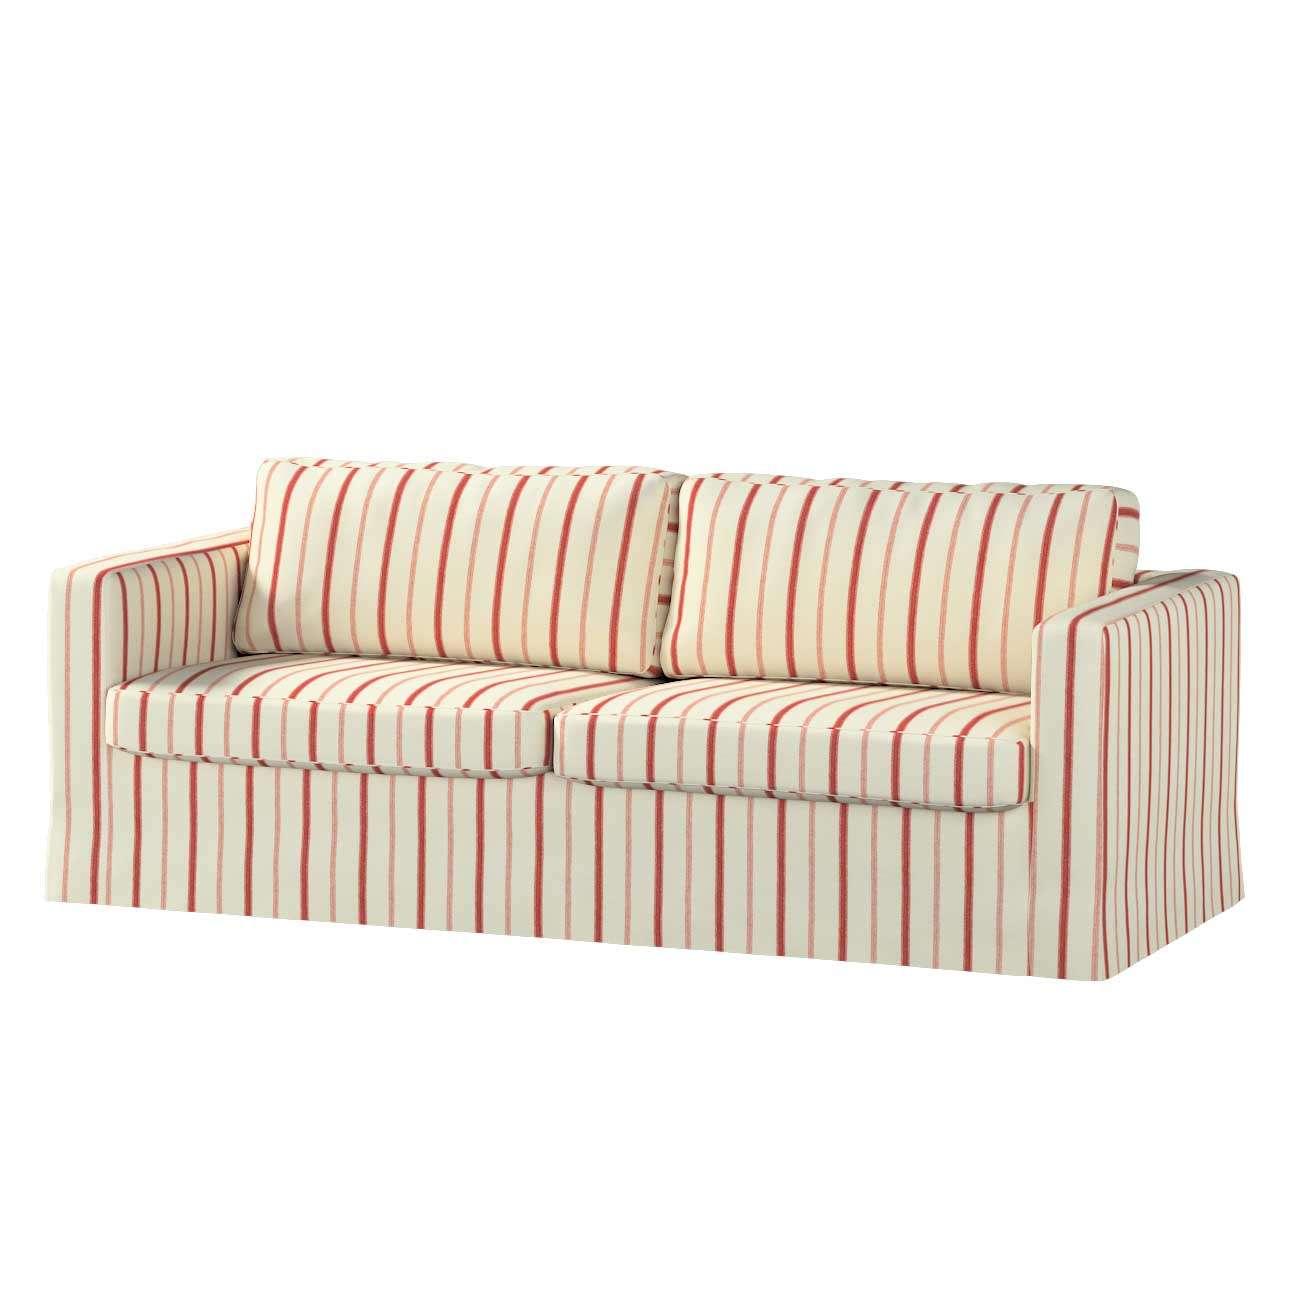 Karlstad 3-Sitzer Sofabezug nicht ausklappbar lang von der Kollektion Avinon, Stoff: 129-15